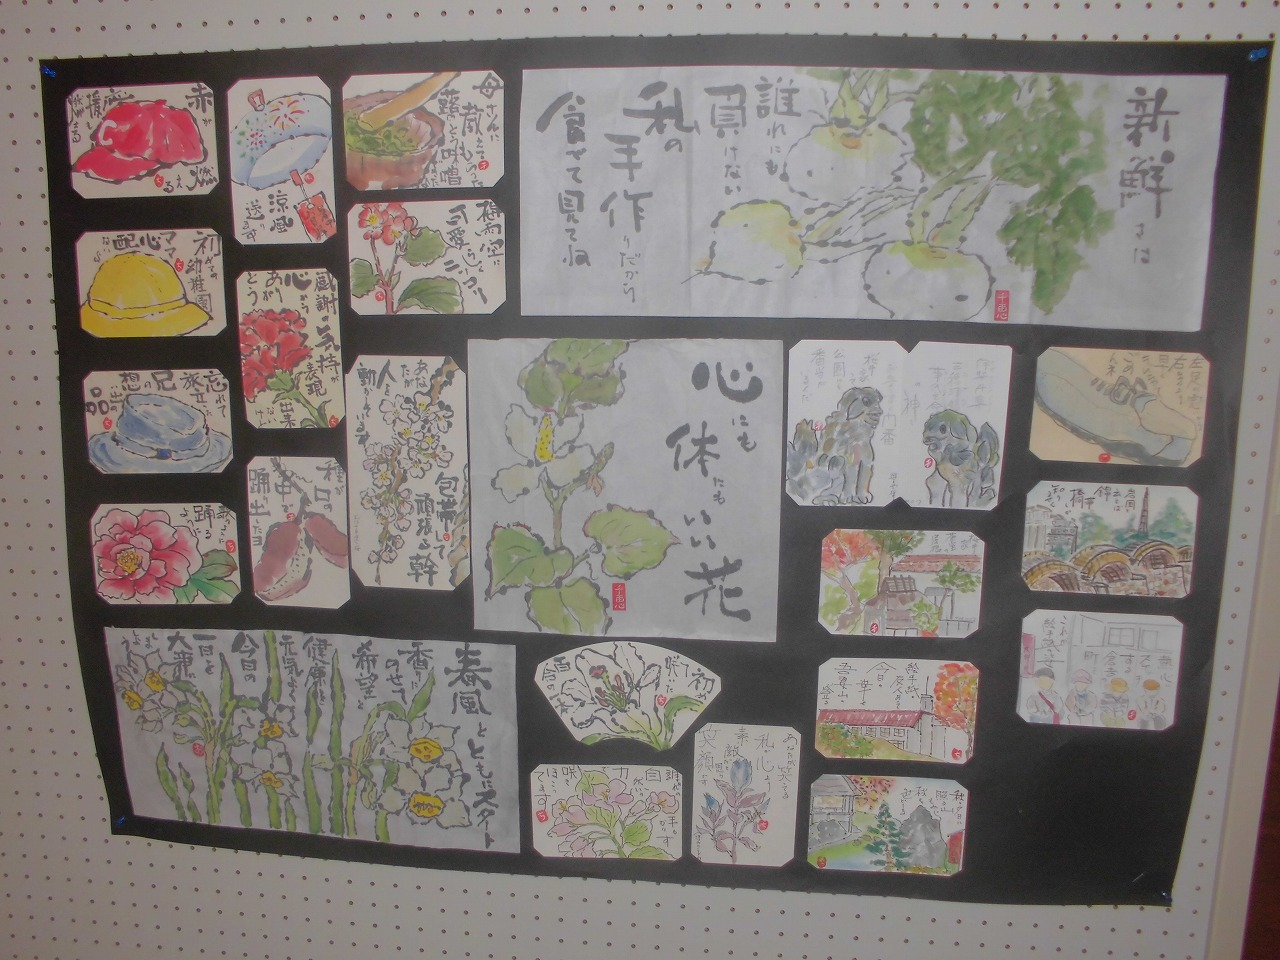 絵手紙展(その3)